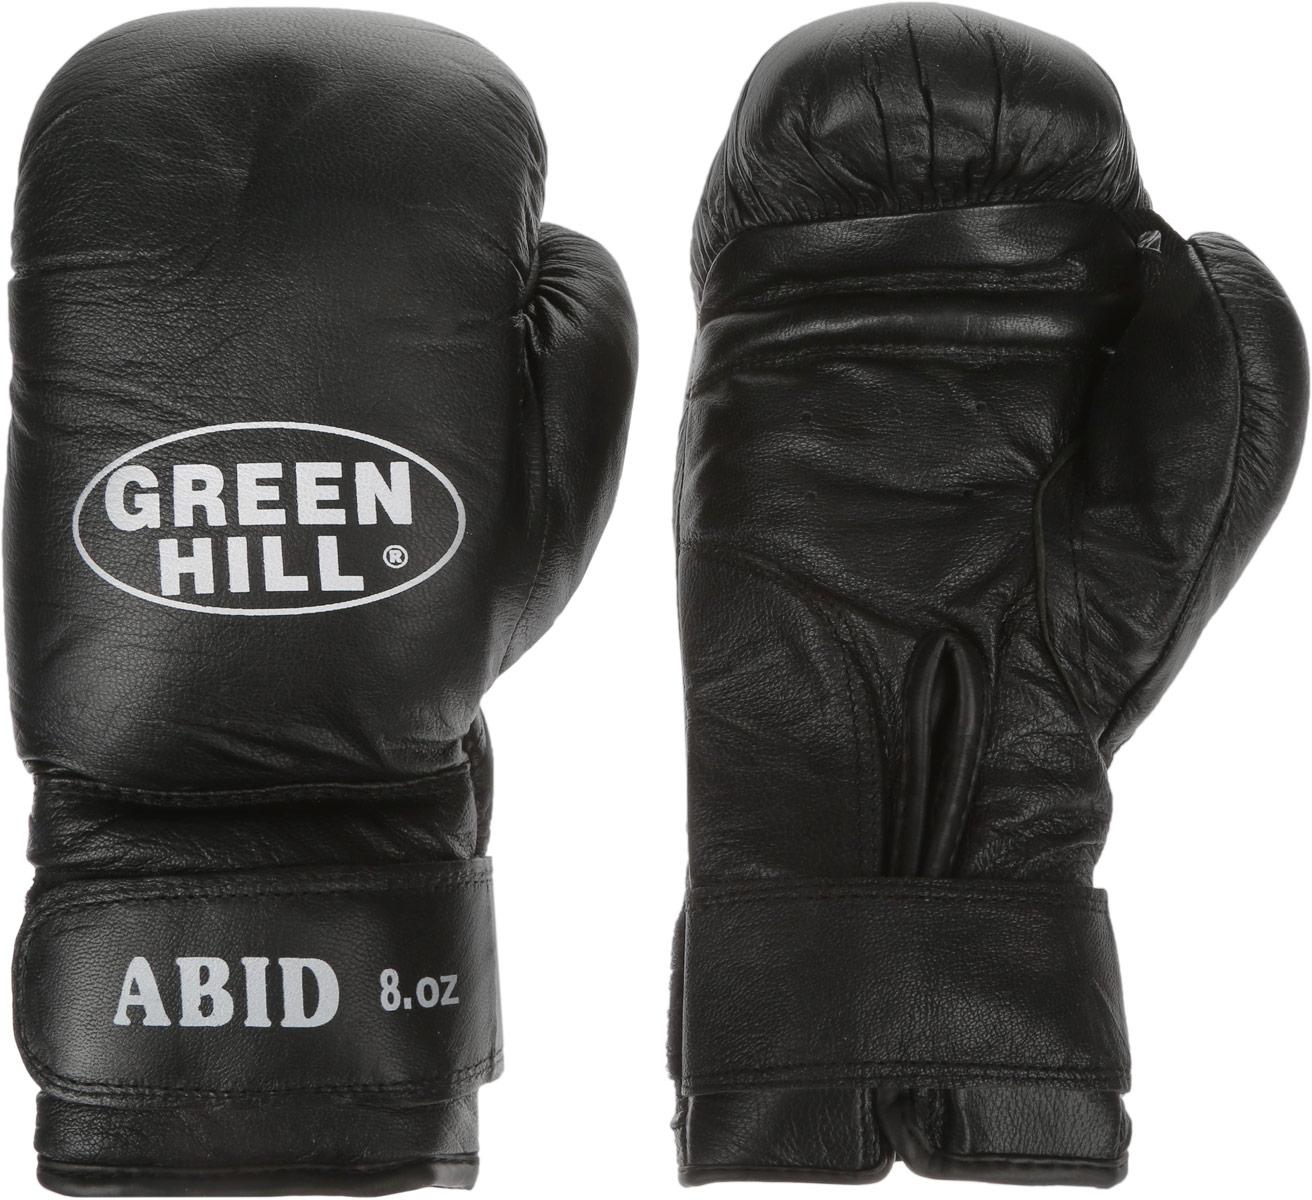 Перчатки боксерские Green Hill Abid, цвет: черный, белый. Вес 8 унцийSCG-2048cБоксерские тренировочные перчатки Green Hill Abid выполнены из натуральной кожи. Они отлично подойдут для начинающих спортсменов. Мягкий наполнитель из очеса предотвращает любые травмы. Отверстия в районе ладони обеспечивают вентиляцию. Широкий ремень, охватывая запястье, полностью оборачивается вокруг манжеты, благодаря чему создается дополнительная защита лучезапястного сустава от травмирования. Застежка на липучке способствует быстрому и удобному одеванию перчаток, плотно фиксирует перчатки на руке.